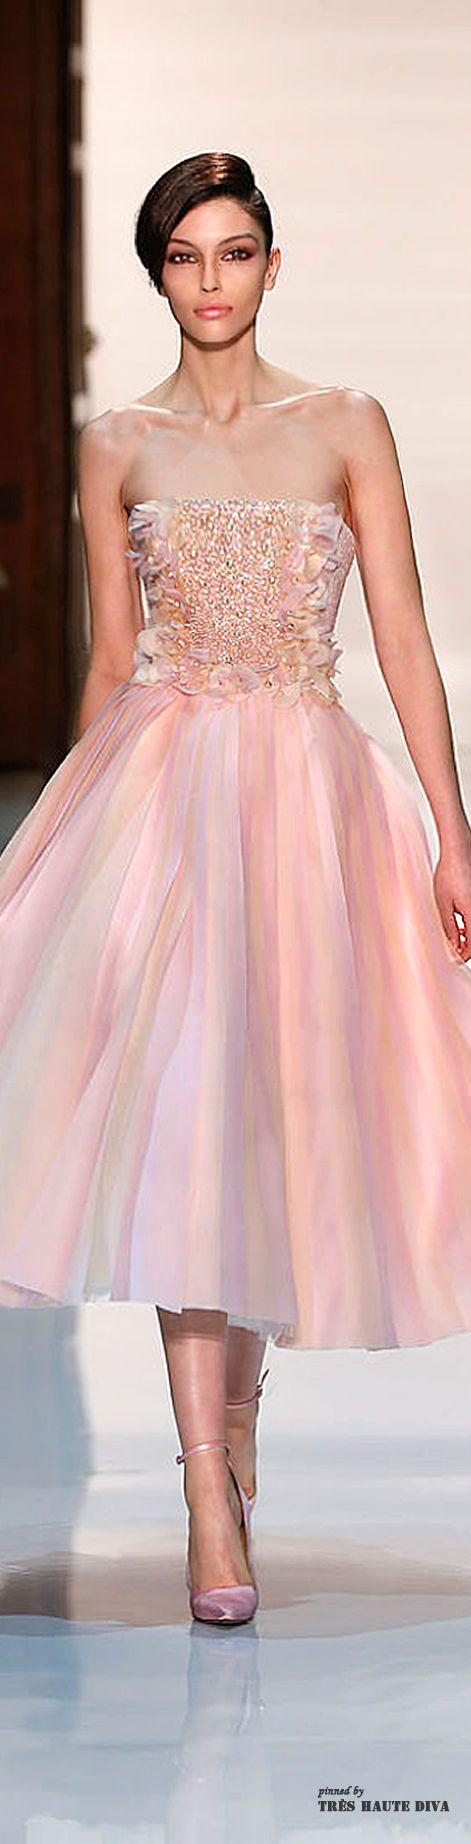 MODELO DE MUJER - A. IMAGEN Tumblr | vestidos | Pinterest | Modelo ...